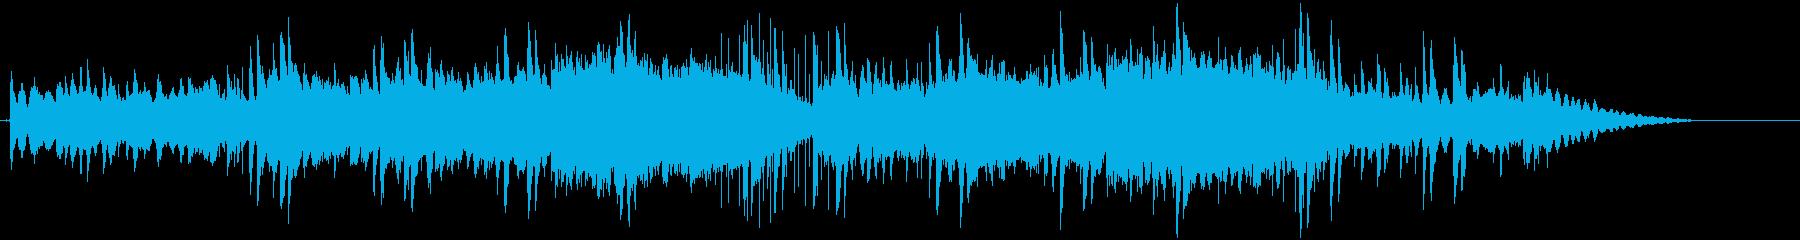 ピアノと柔らかなダブの再生済みの波形